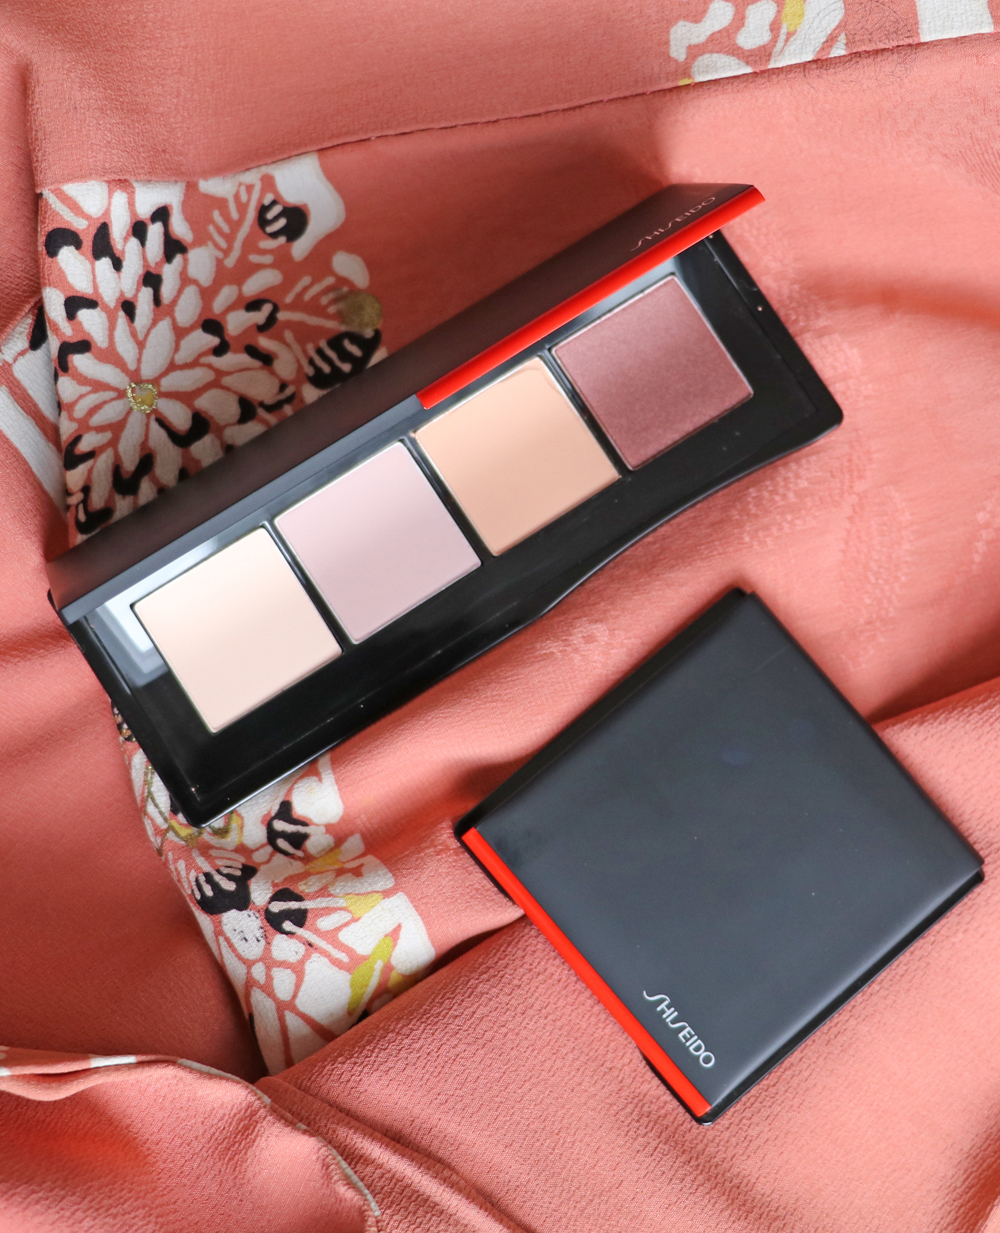 Beauty Reimagined. Beauty with Soul. Oder ganz einfach: Shiseido hat das Makeup-Sortiment voll überarbeitet und punktet nun mit tollen Texturen und genau so tollen Farben!